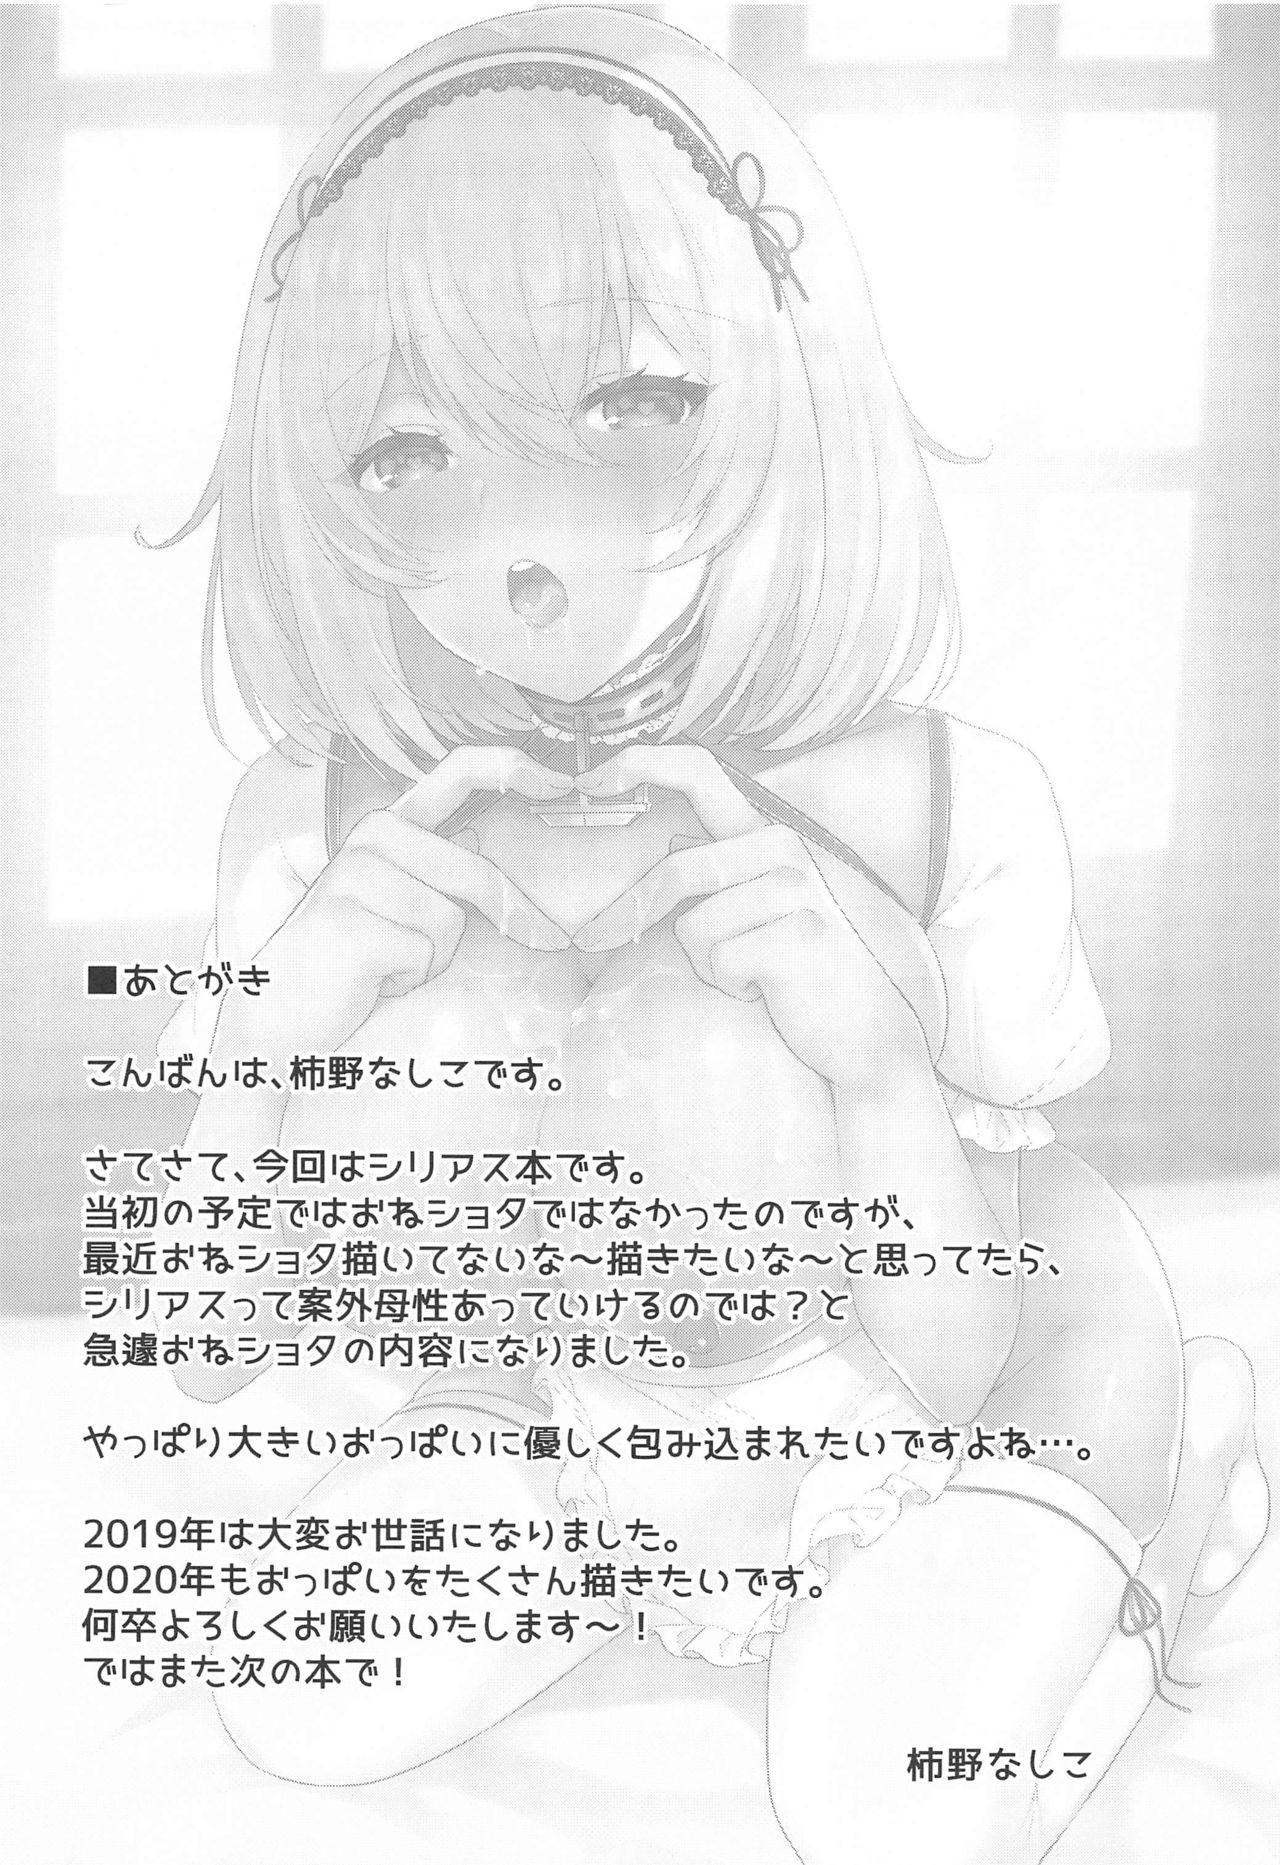 Ponkotsu Maid to OneShota Ecchi 15